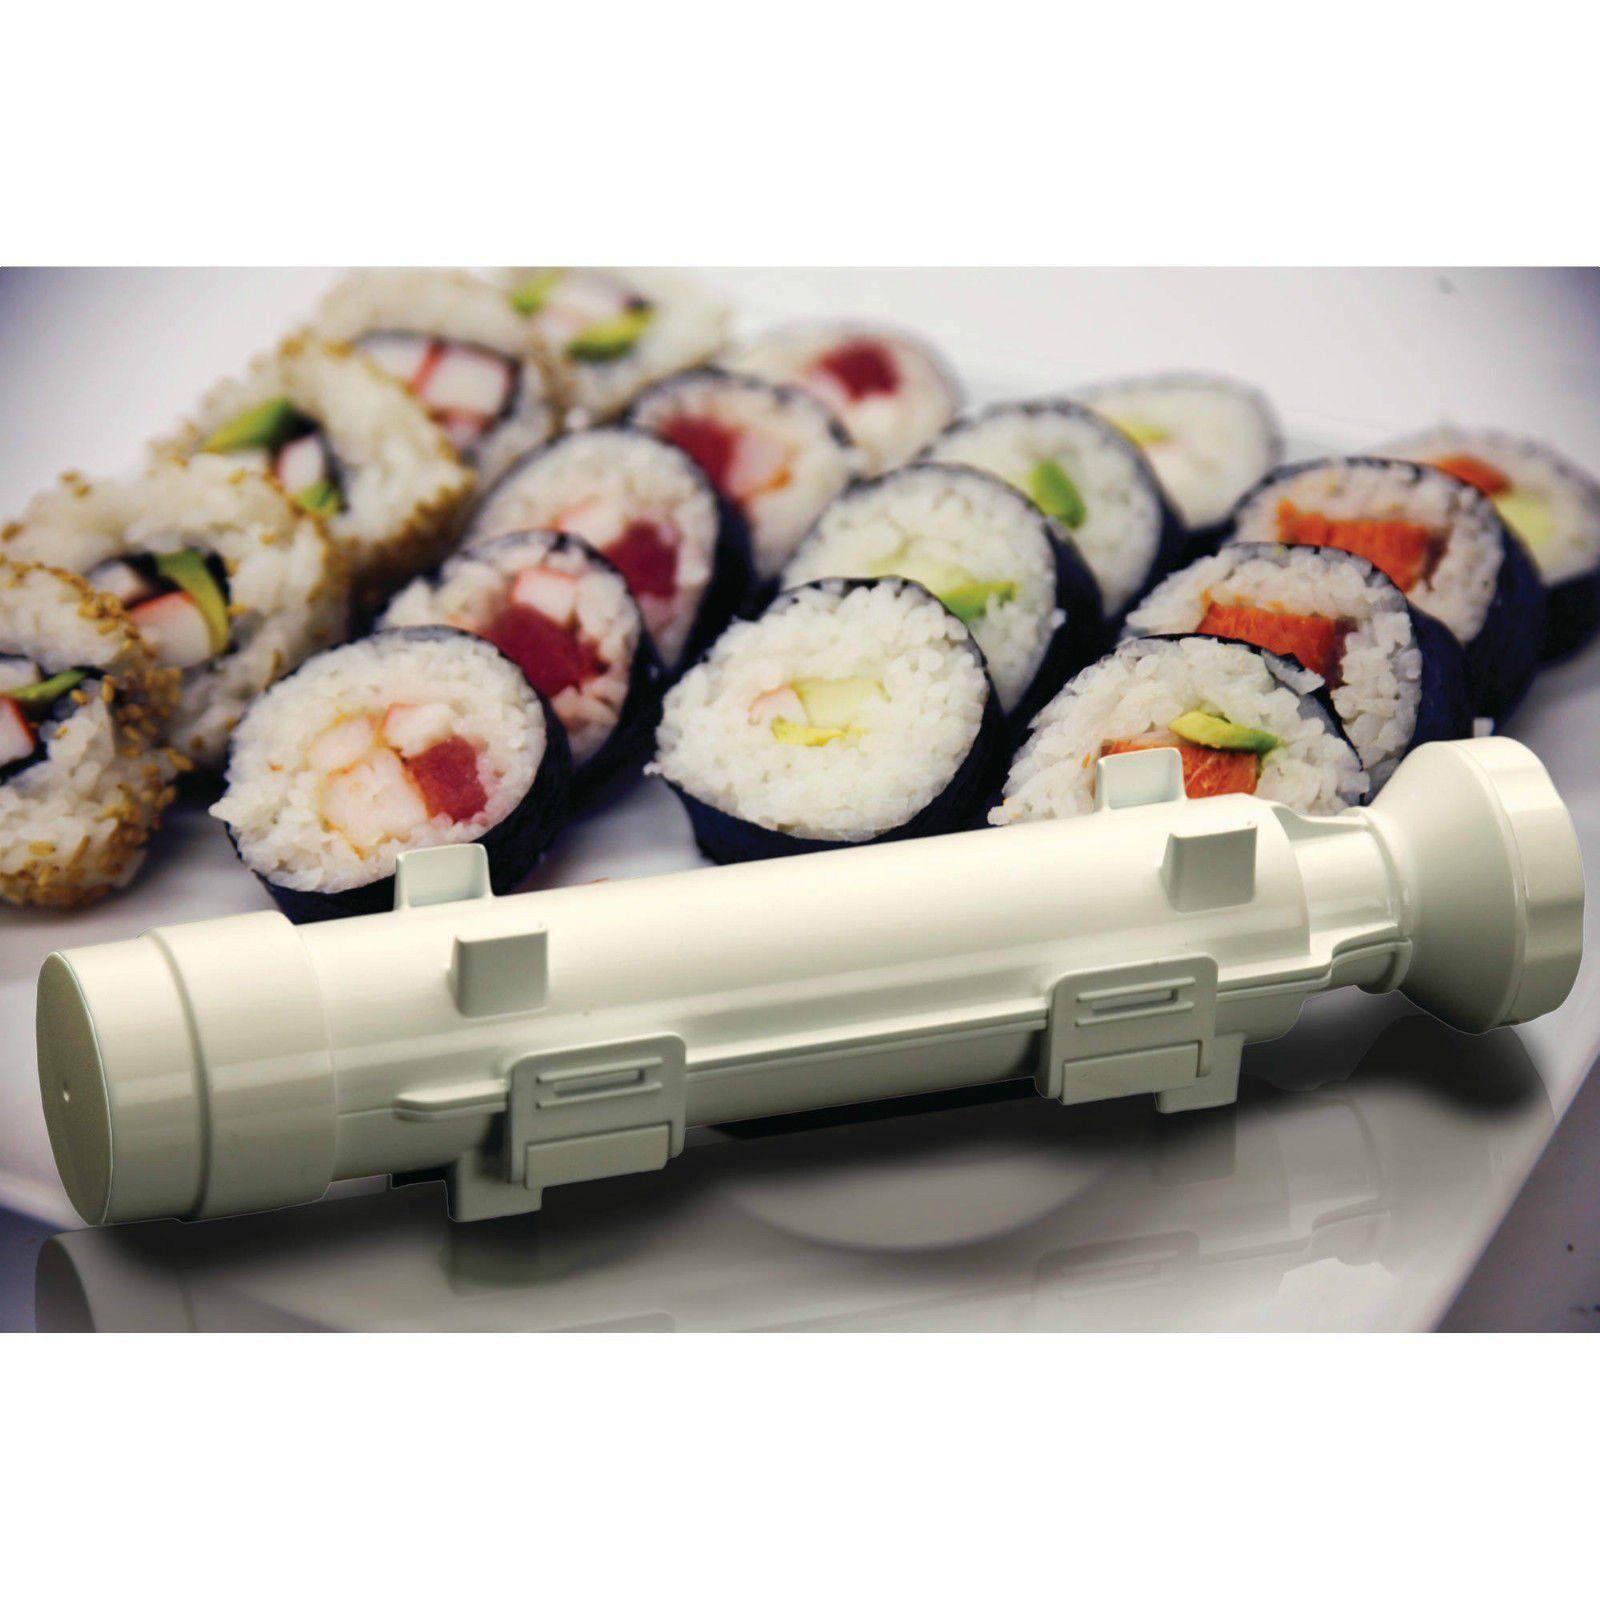 Sushi Maker Kit Rice Roll Mold Kitchen DIY Easy Chef Set Mould Roller